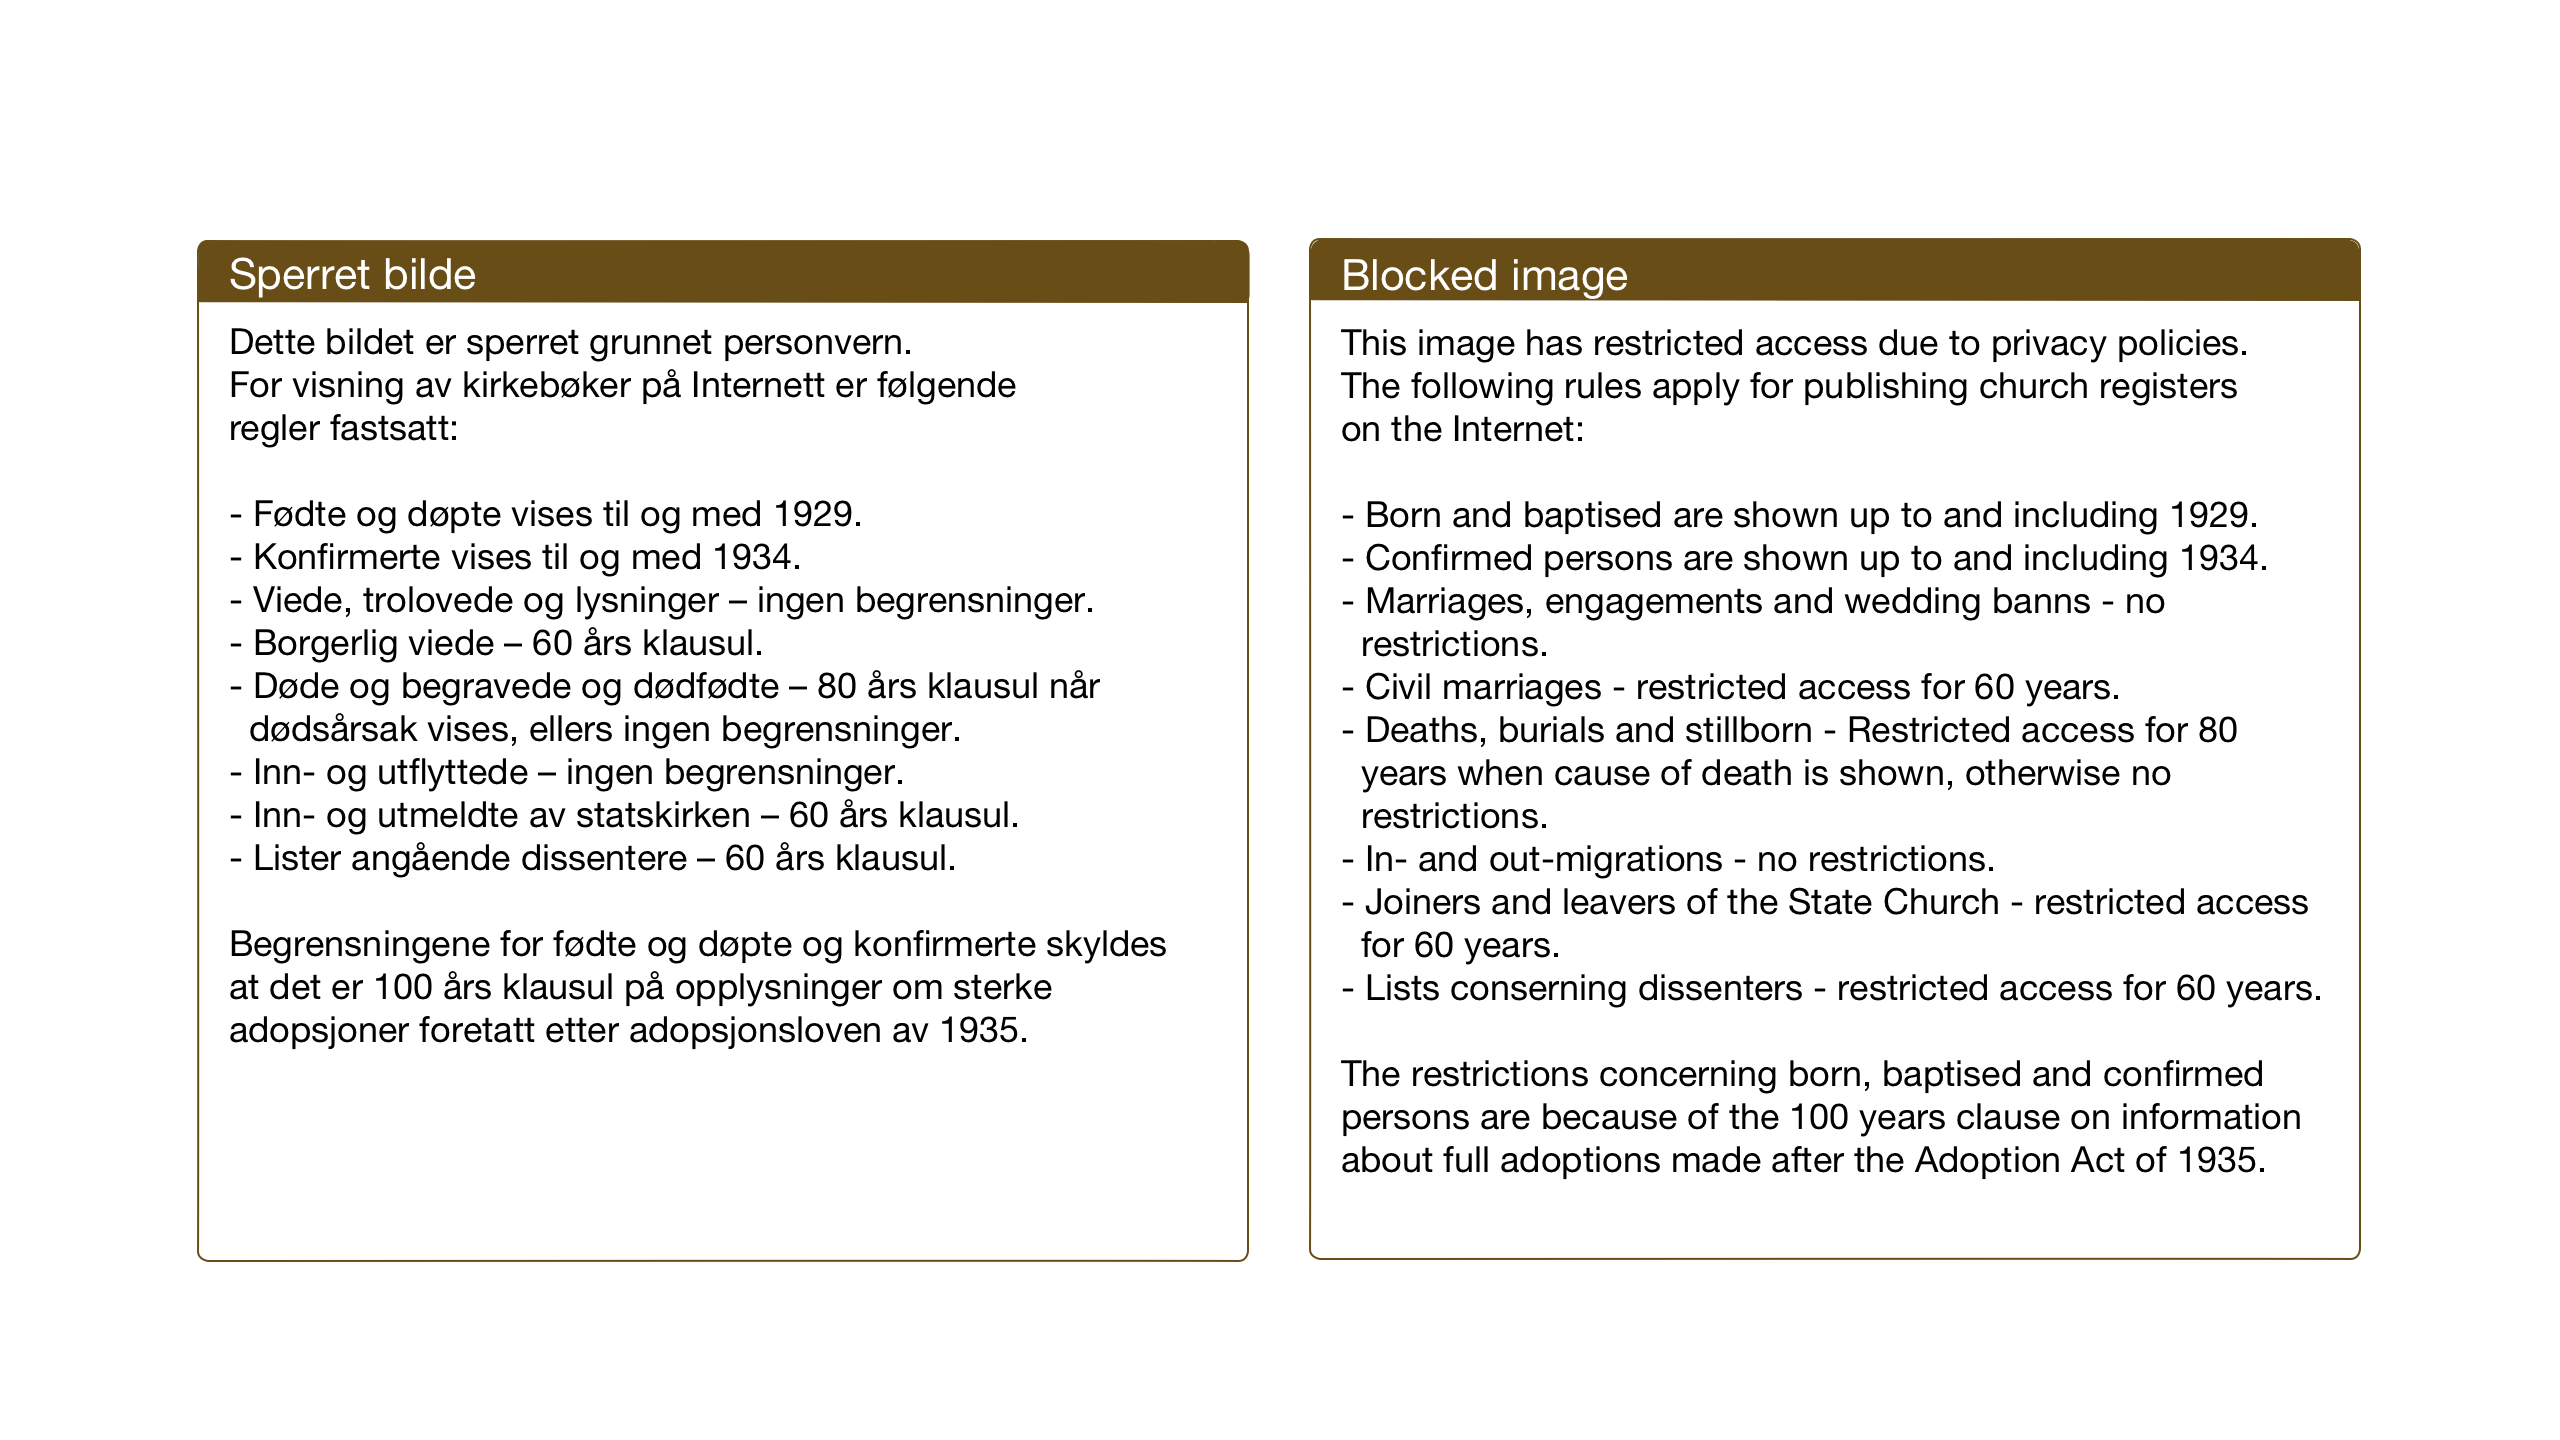 SAT, Ministerialprotokoller, klokkerbøker og fødselsregistre - Nord-Trøndelag, 710/L0097: Klokkerbok nr. 710C02, 1925-1955, s. 91